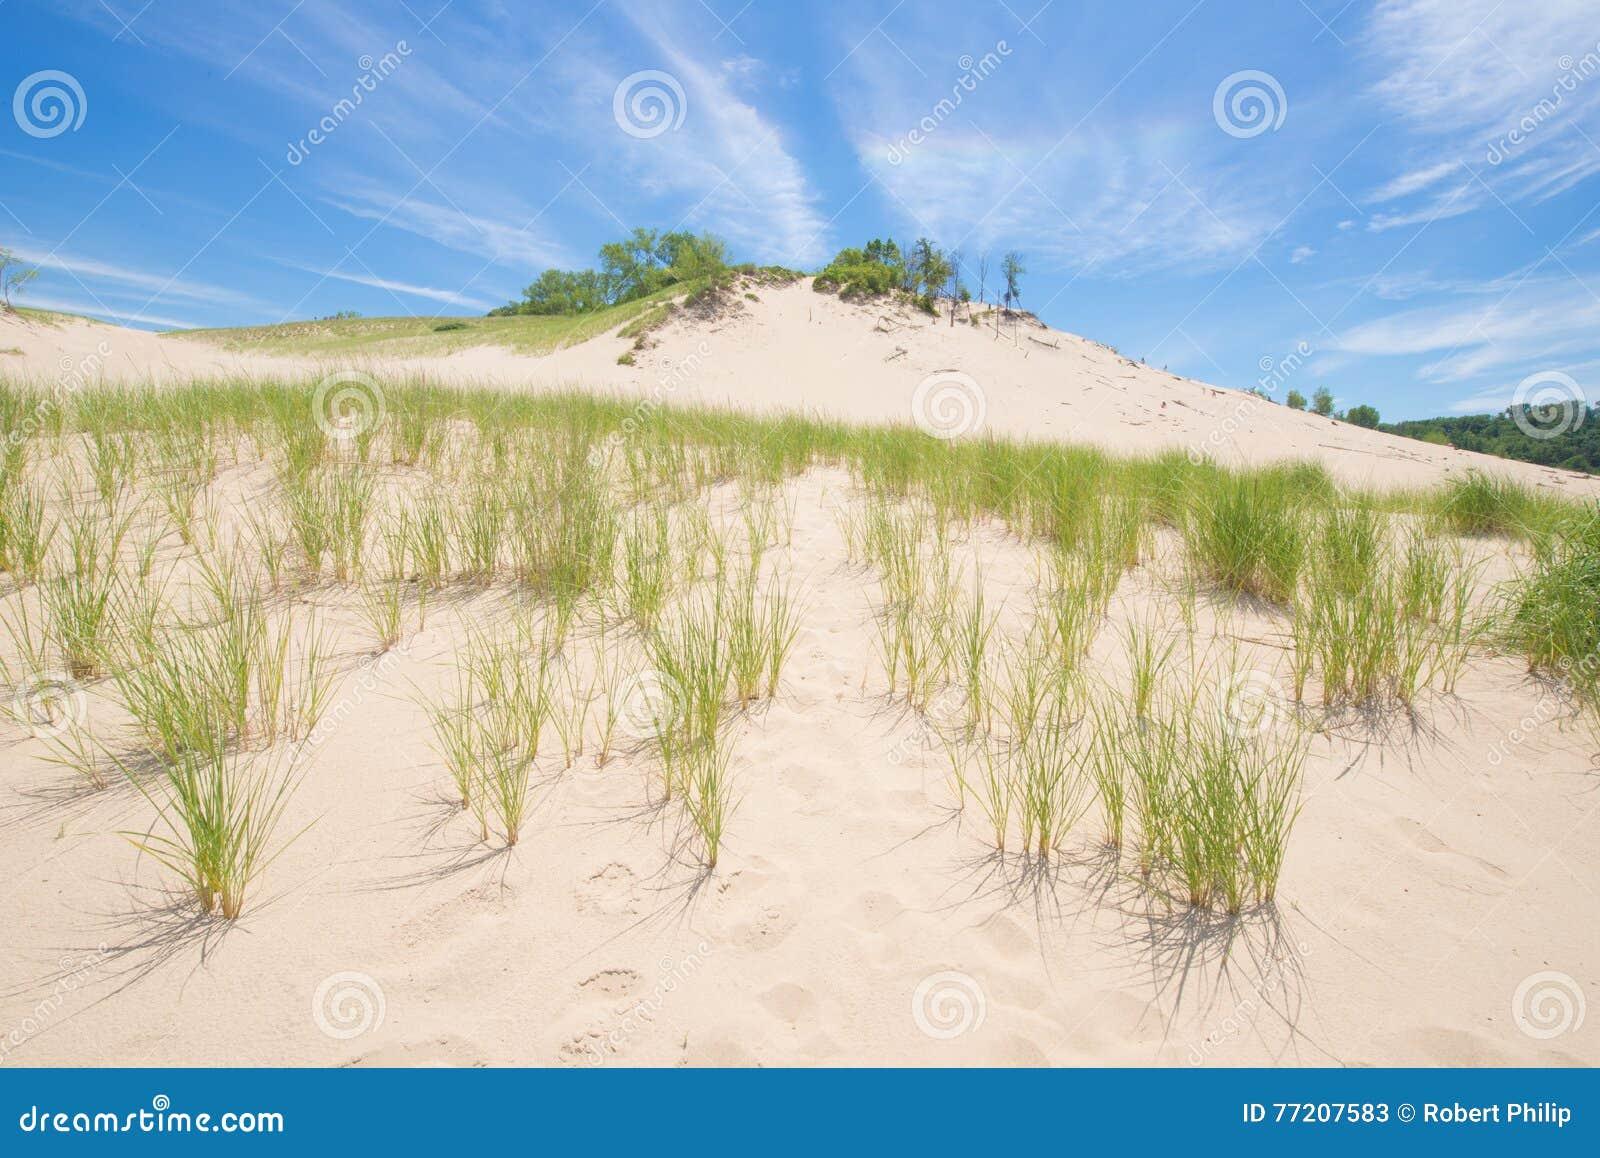 Gras, das auf einer Sanddüne wächst